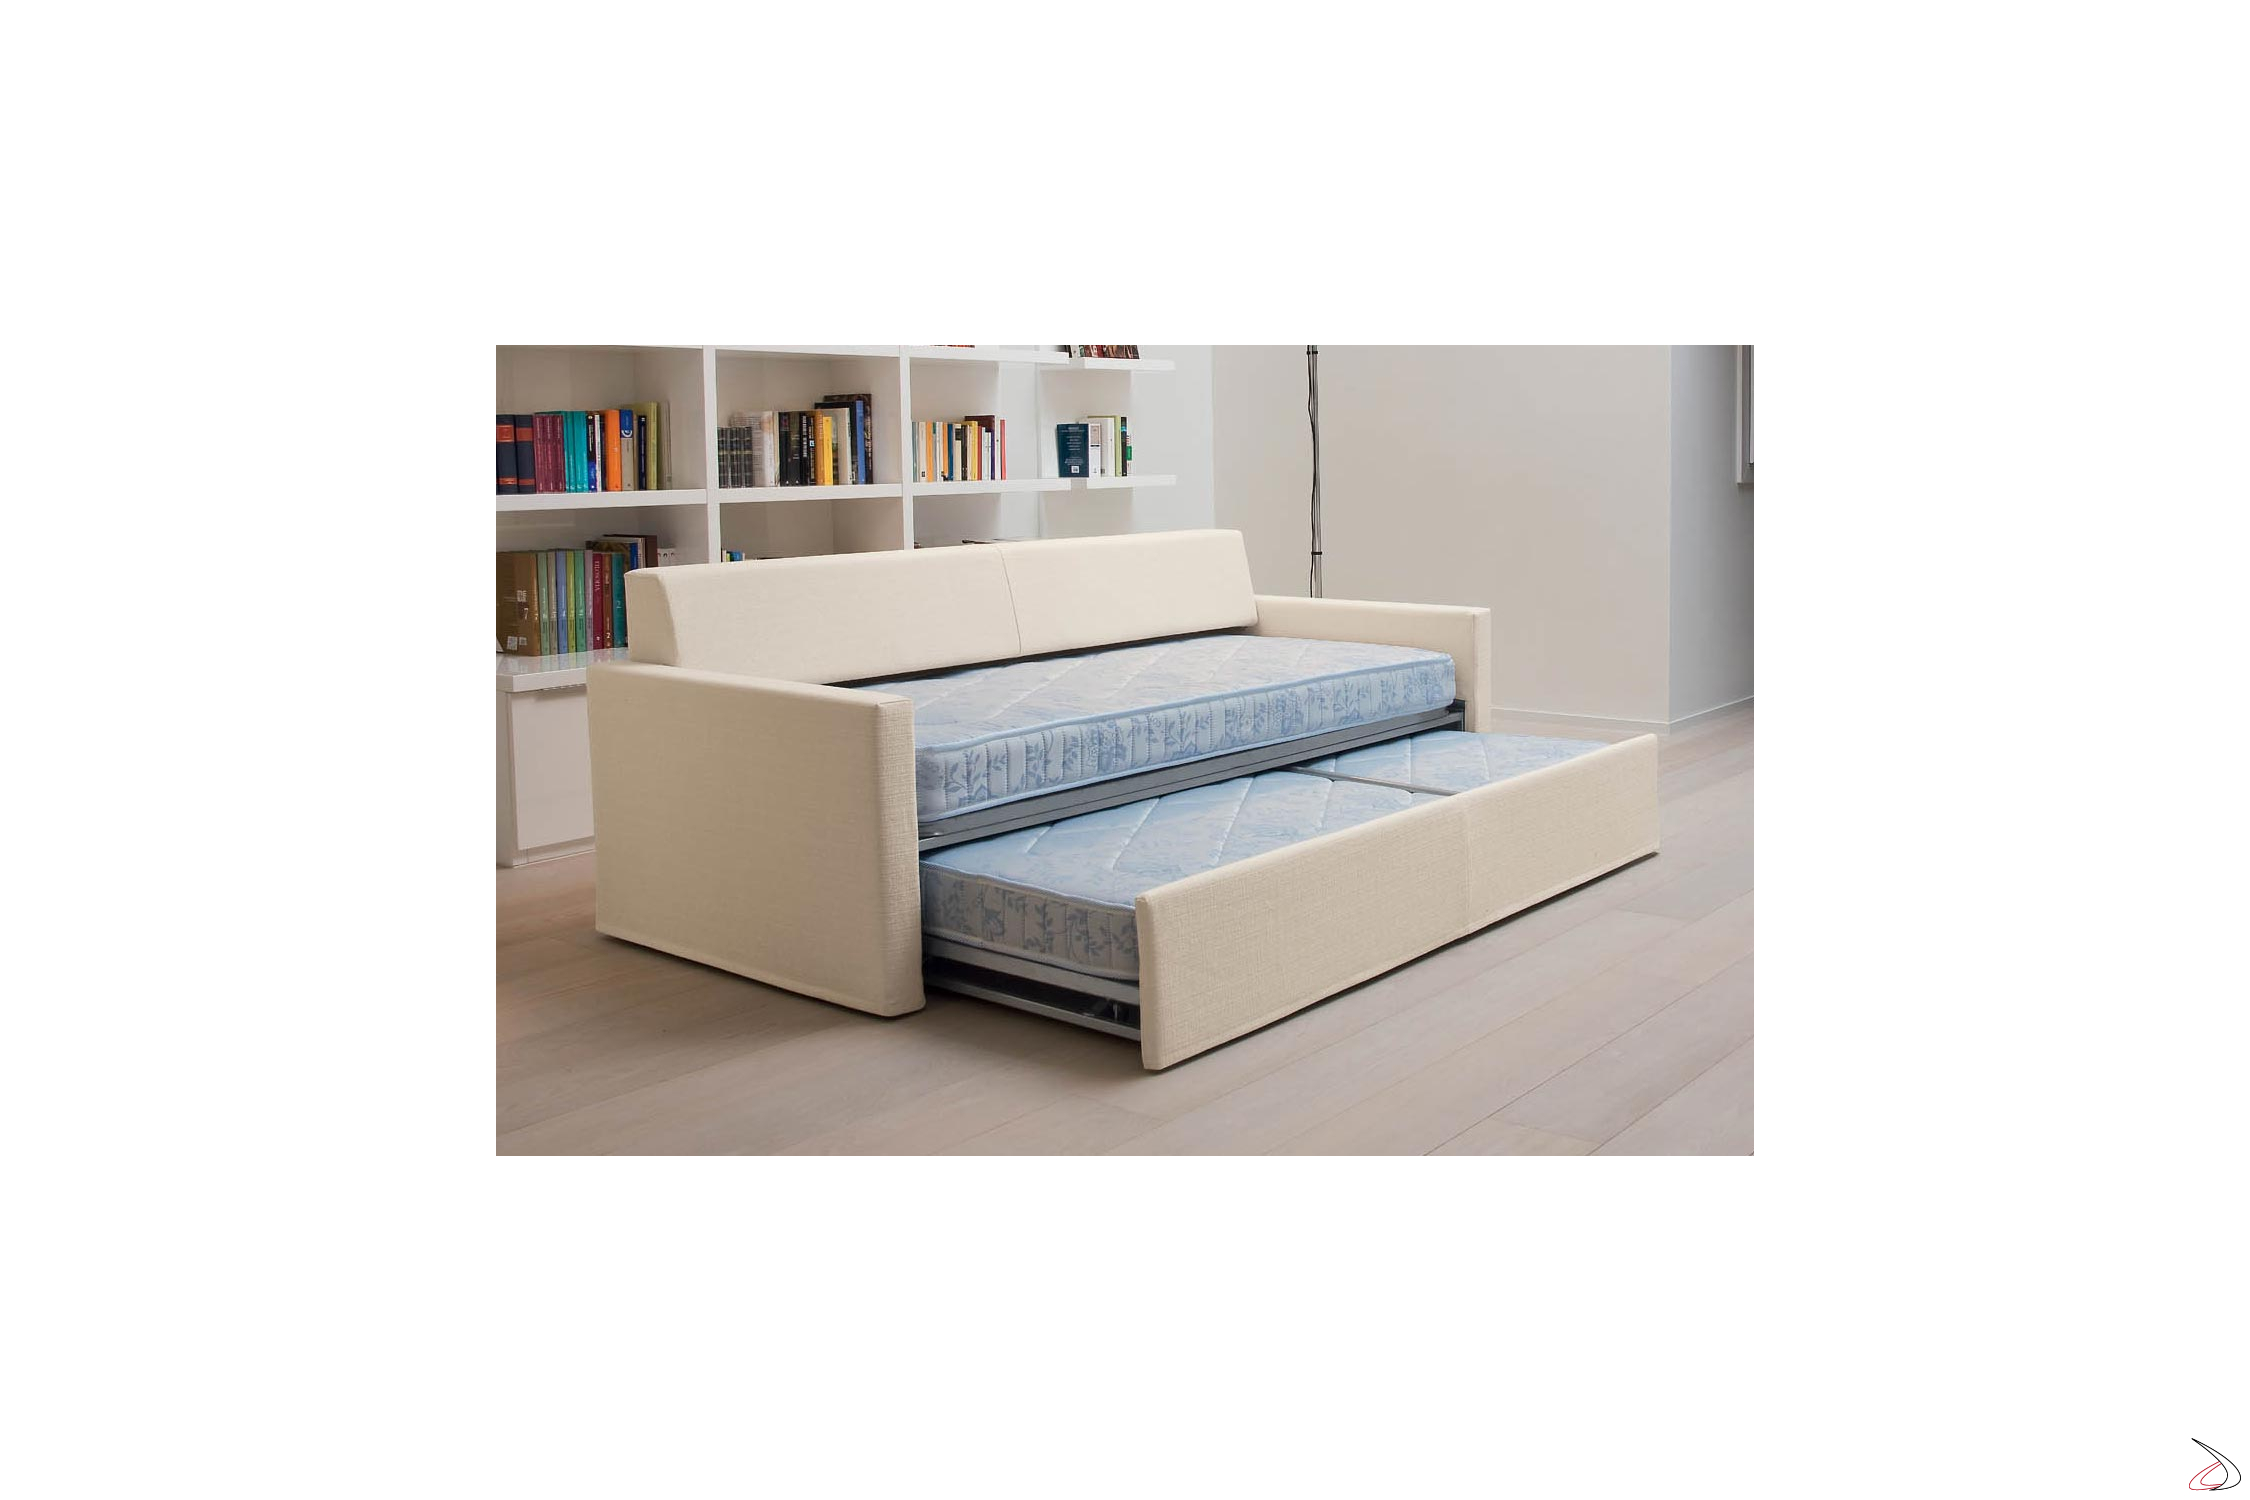 Divano Letto Singolo Estraibile.Sofa Convertible Into 2 Paiper Beds Toparredi Arredo Design Online